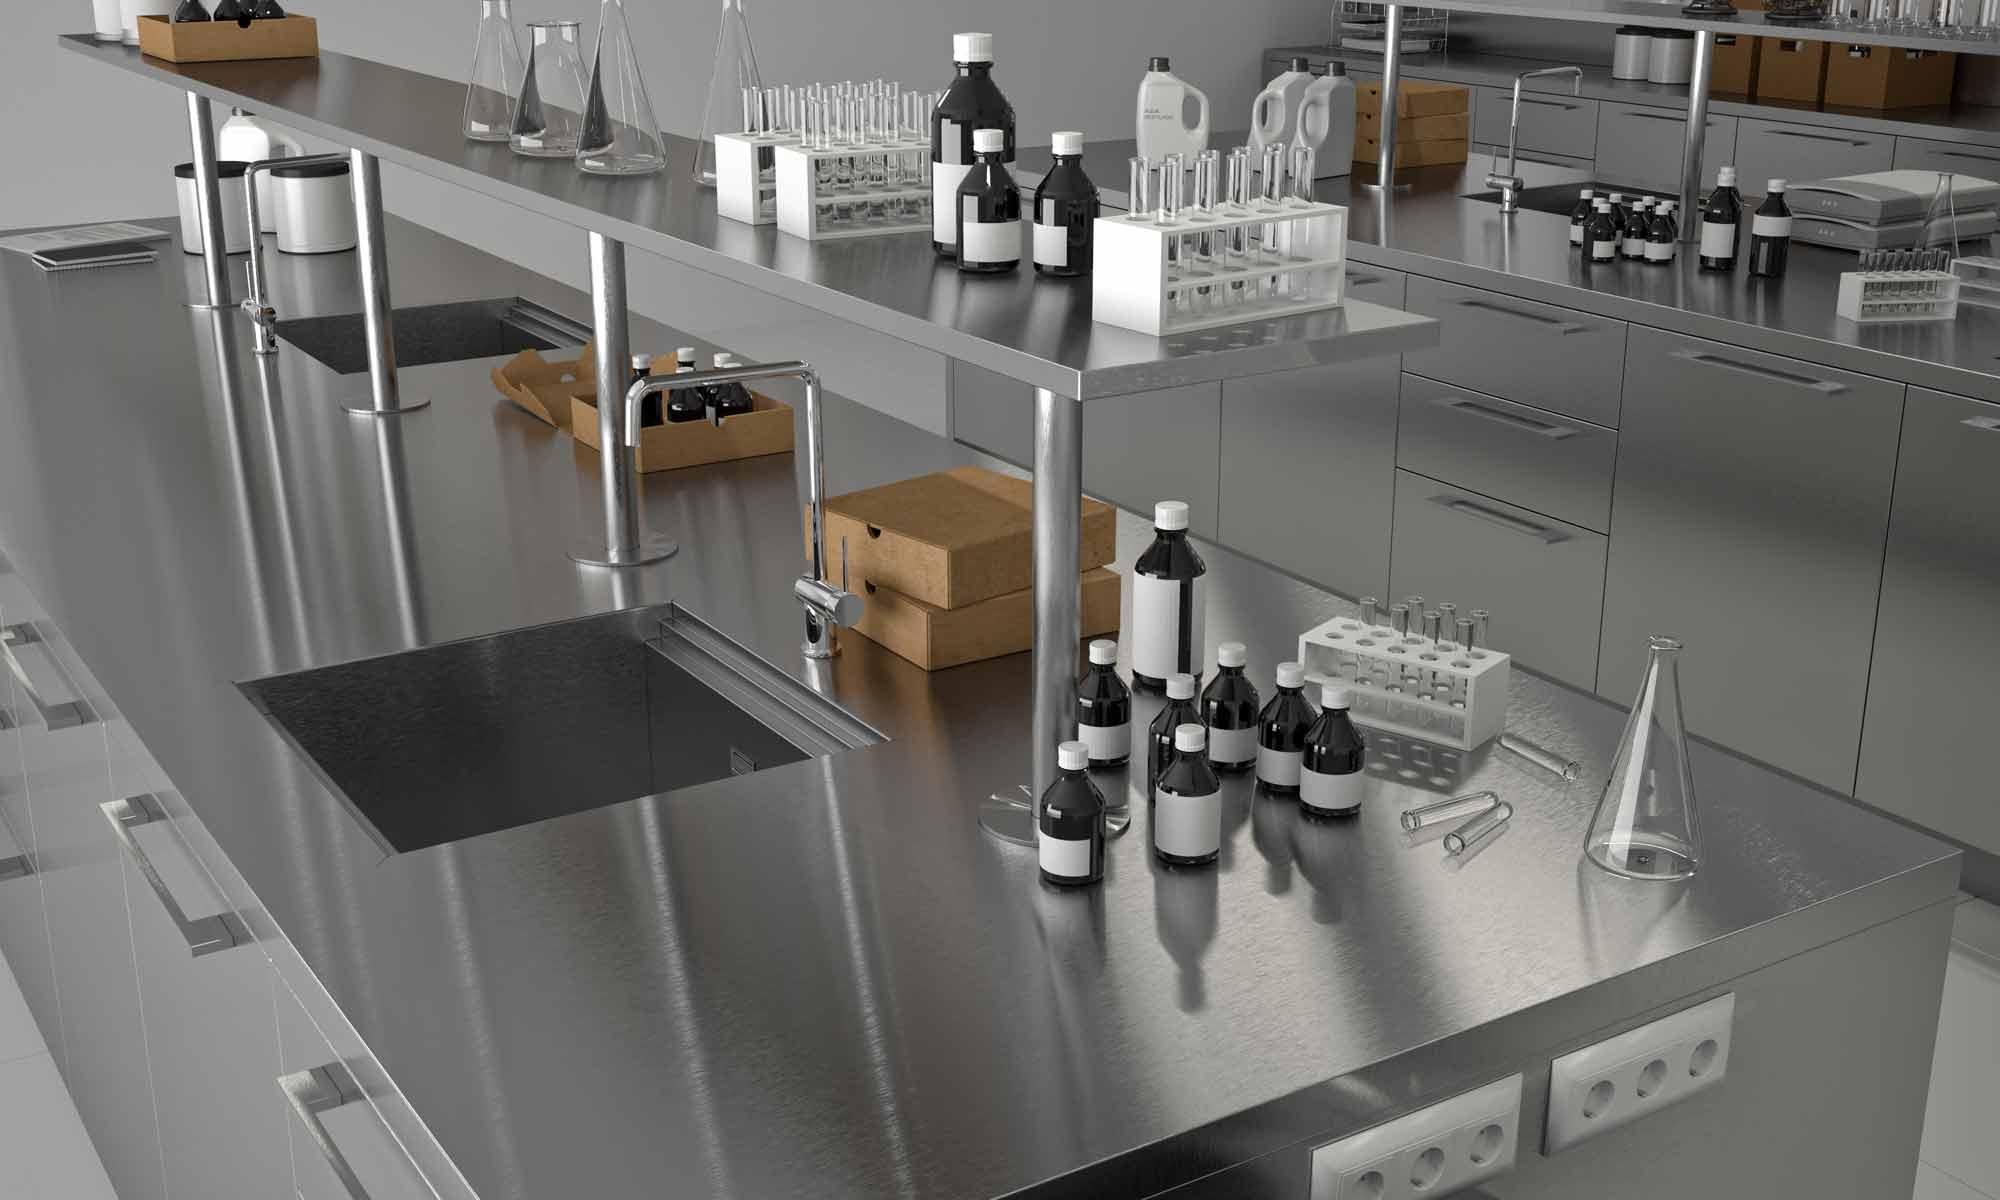 Bautek lab, laboratorios químicos. Frecan